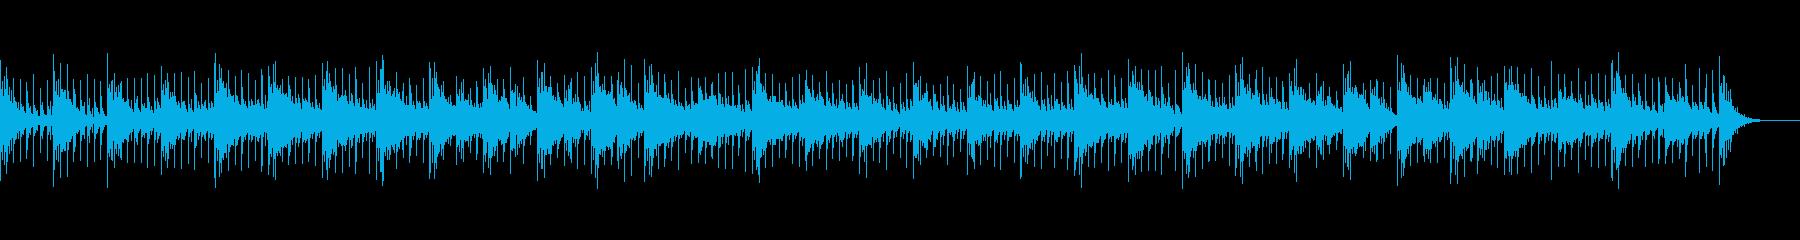 思考的な落ち着いた電子音楽-Aの再生済みの波形